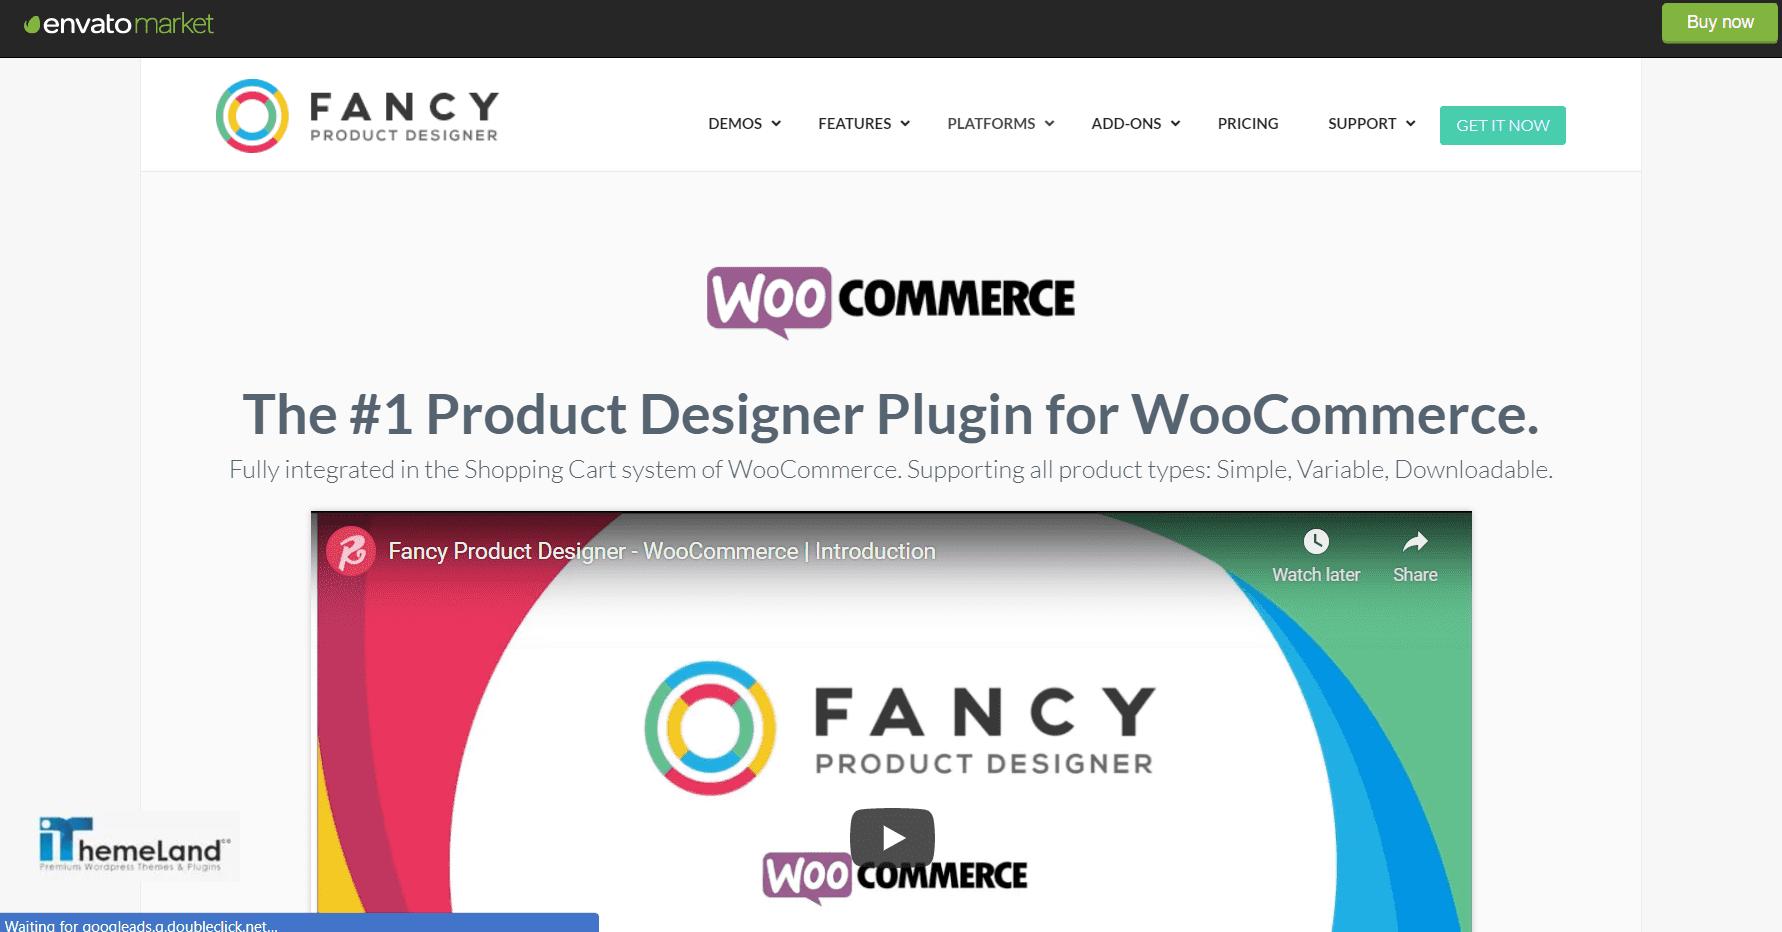 fancy product designer plugin